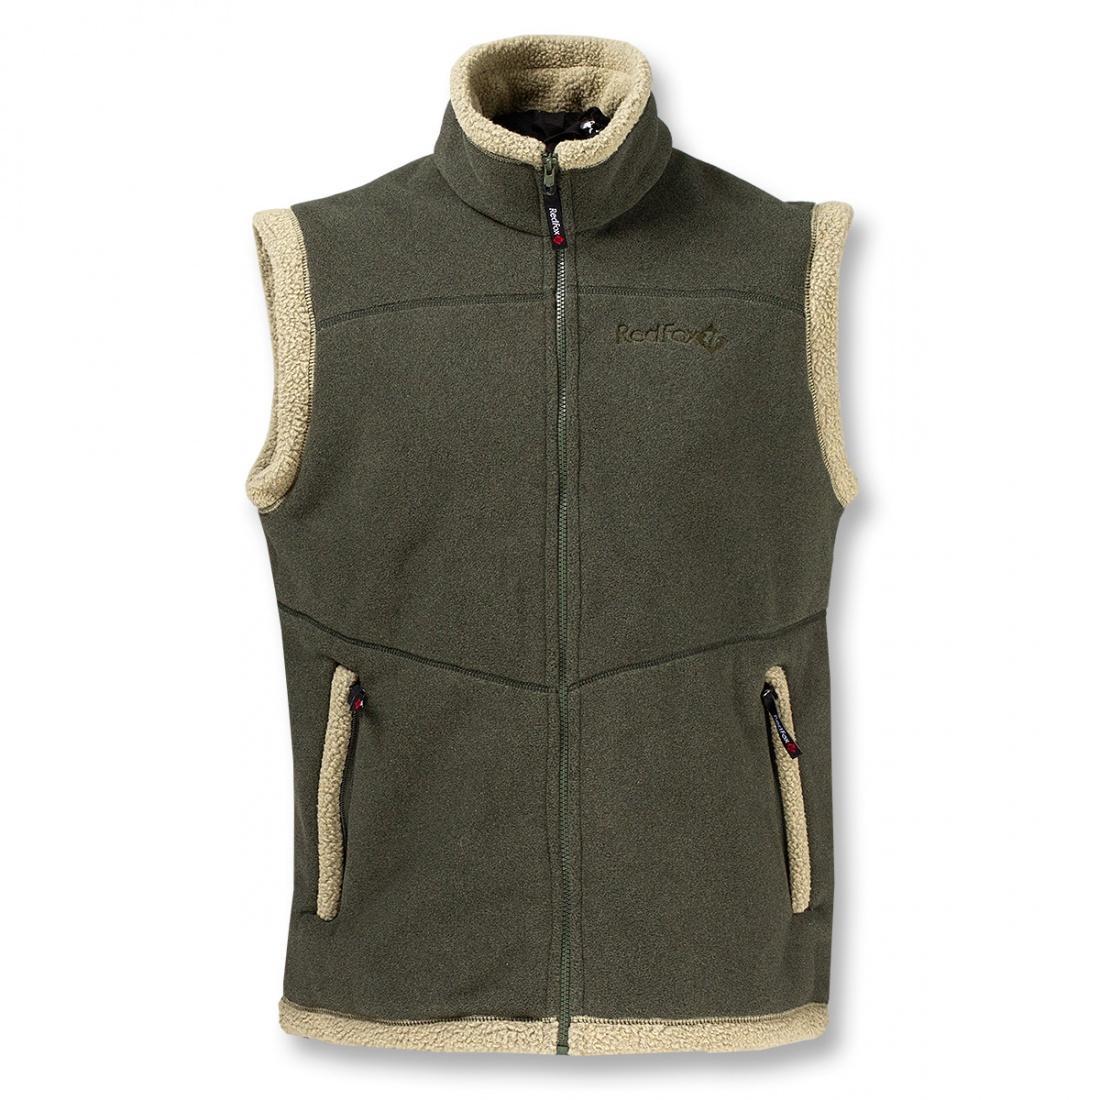 Жилет LhasaЖилеты<br><br> Очень теплый жилет из материала Polartec® 300, выполненный в стилистике куртки Cliff.<br><br><br> Основные характеристики<br><br><br><br><br>воротник ...<br><br>Цвет: Зеленый<br>Размер: 52